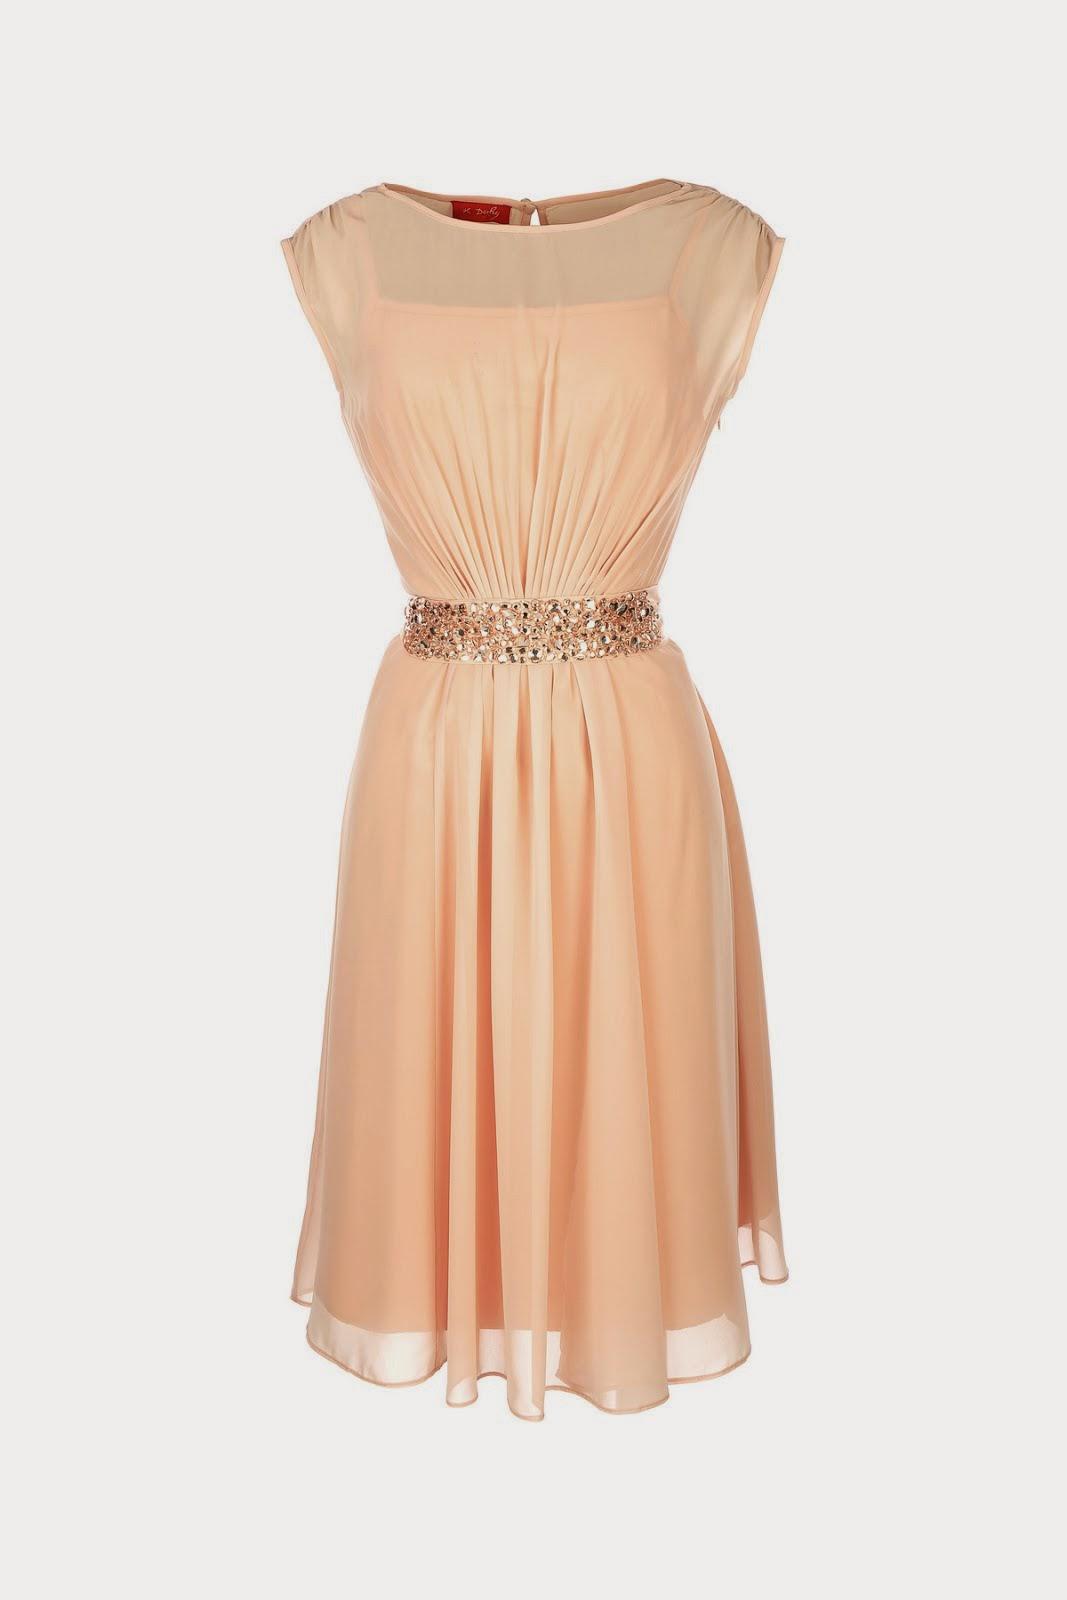 Φορεμα σιφον βραδυνο